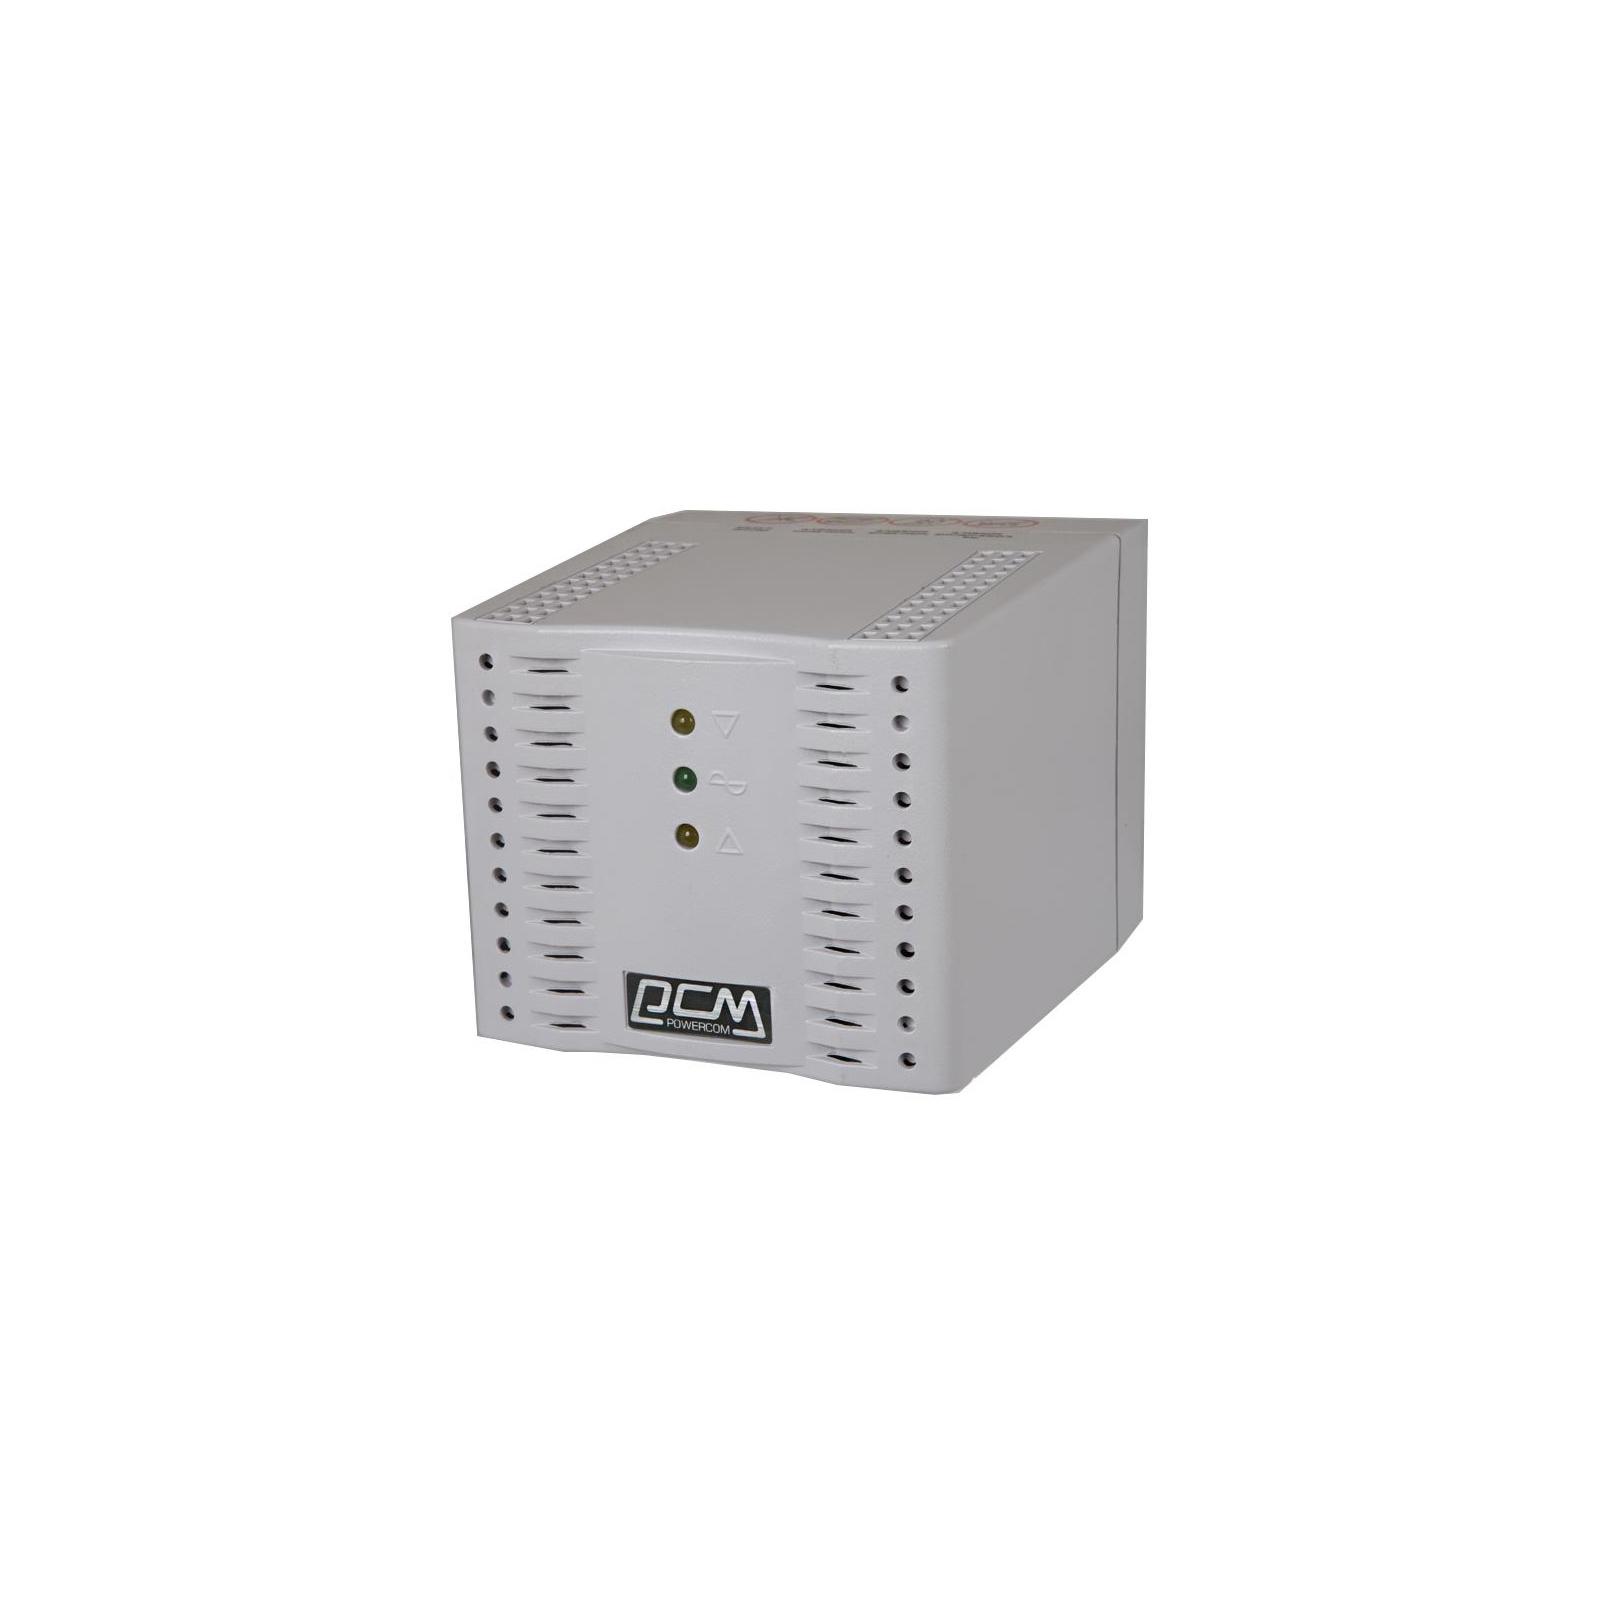 Стабилизатор TCA-3000 Powercom изображение 2